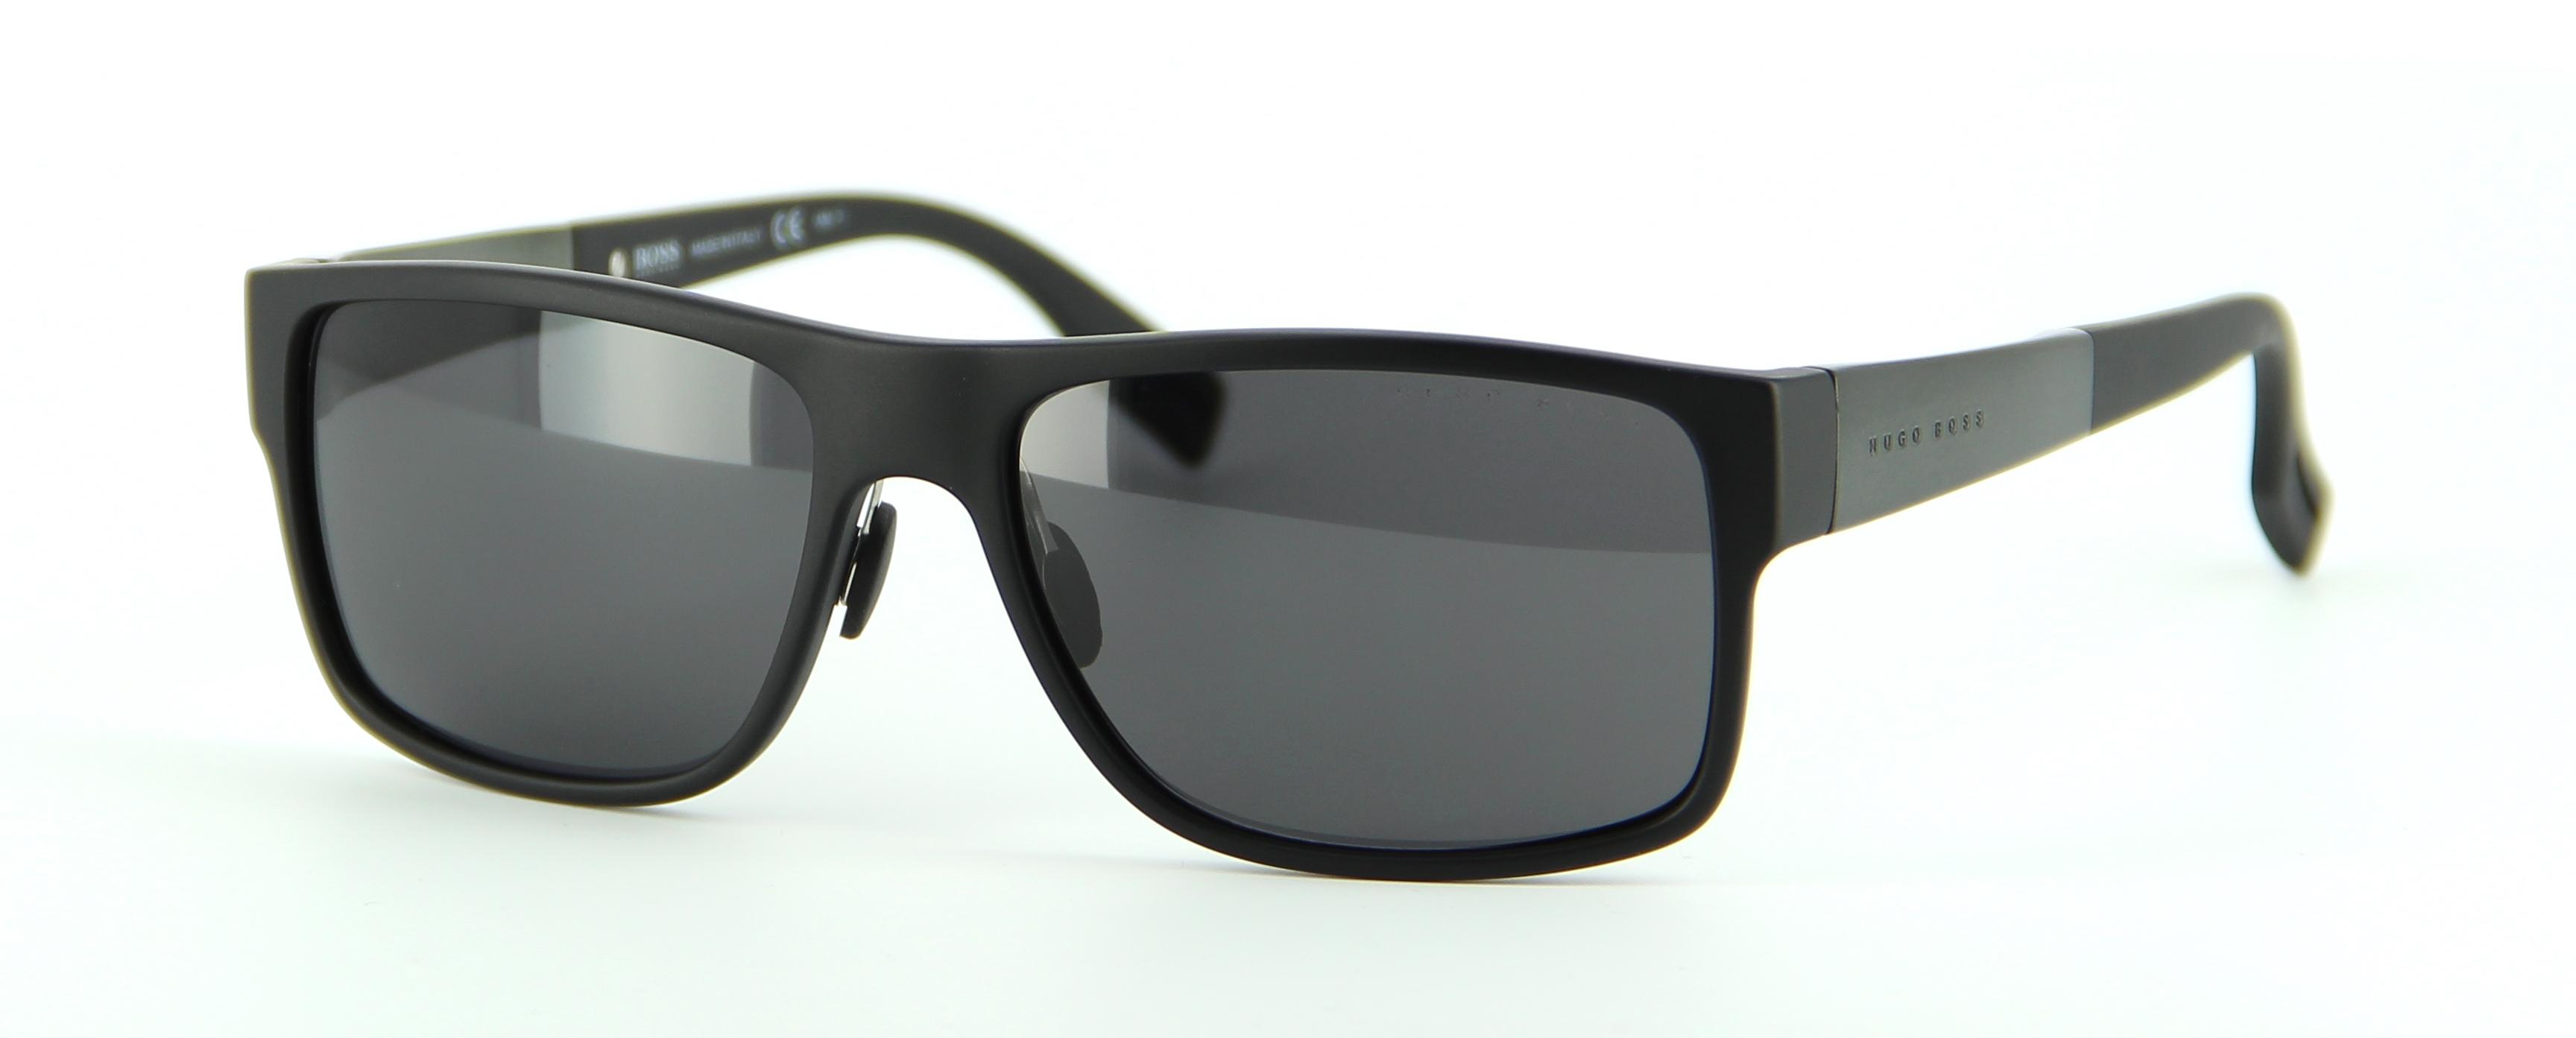 lunettes de soleil boss boss 0440 s 793y1 57 16 homme noire rectangle cercl e classique. Black Bedroom Furniture Sets. Home Design Ideas